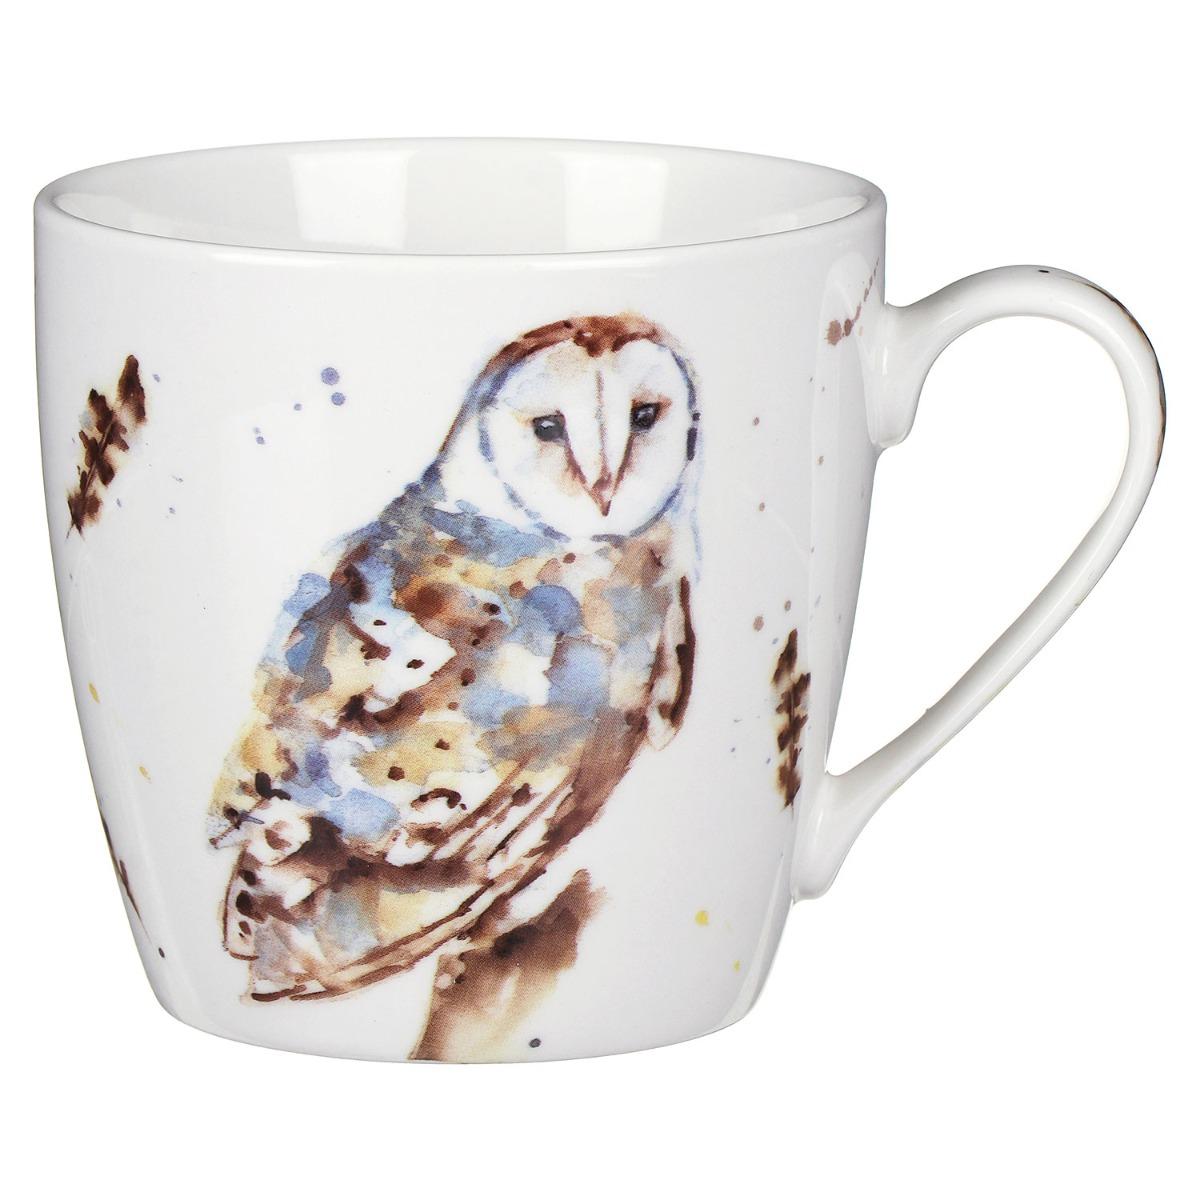 Country Life Barn Owl Mug